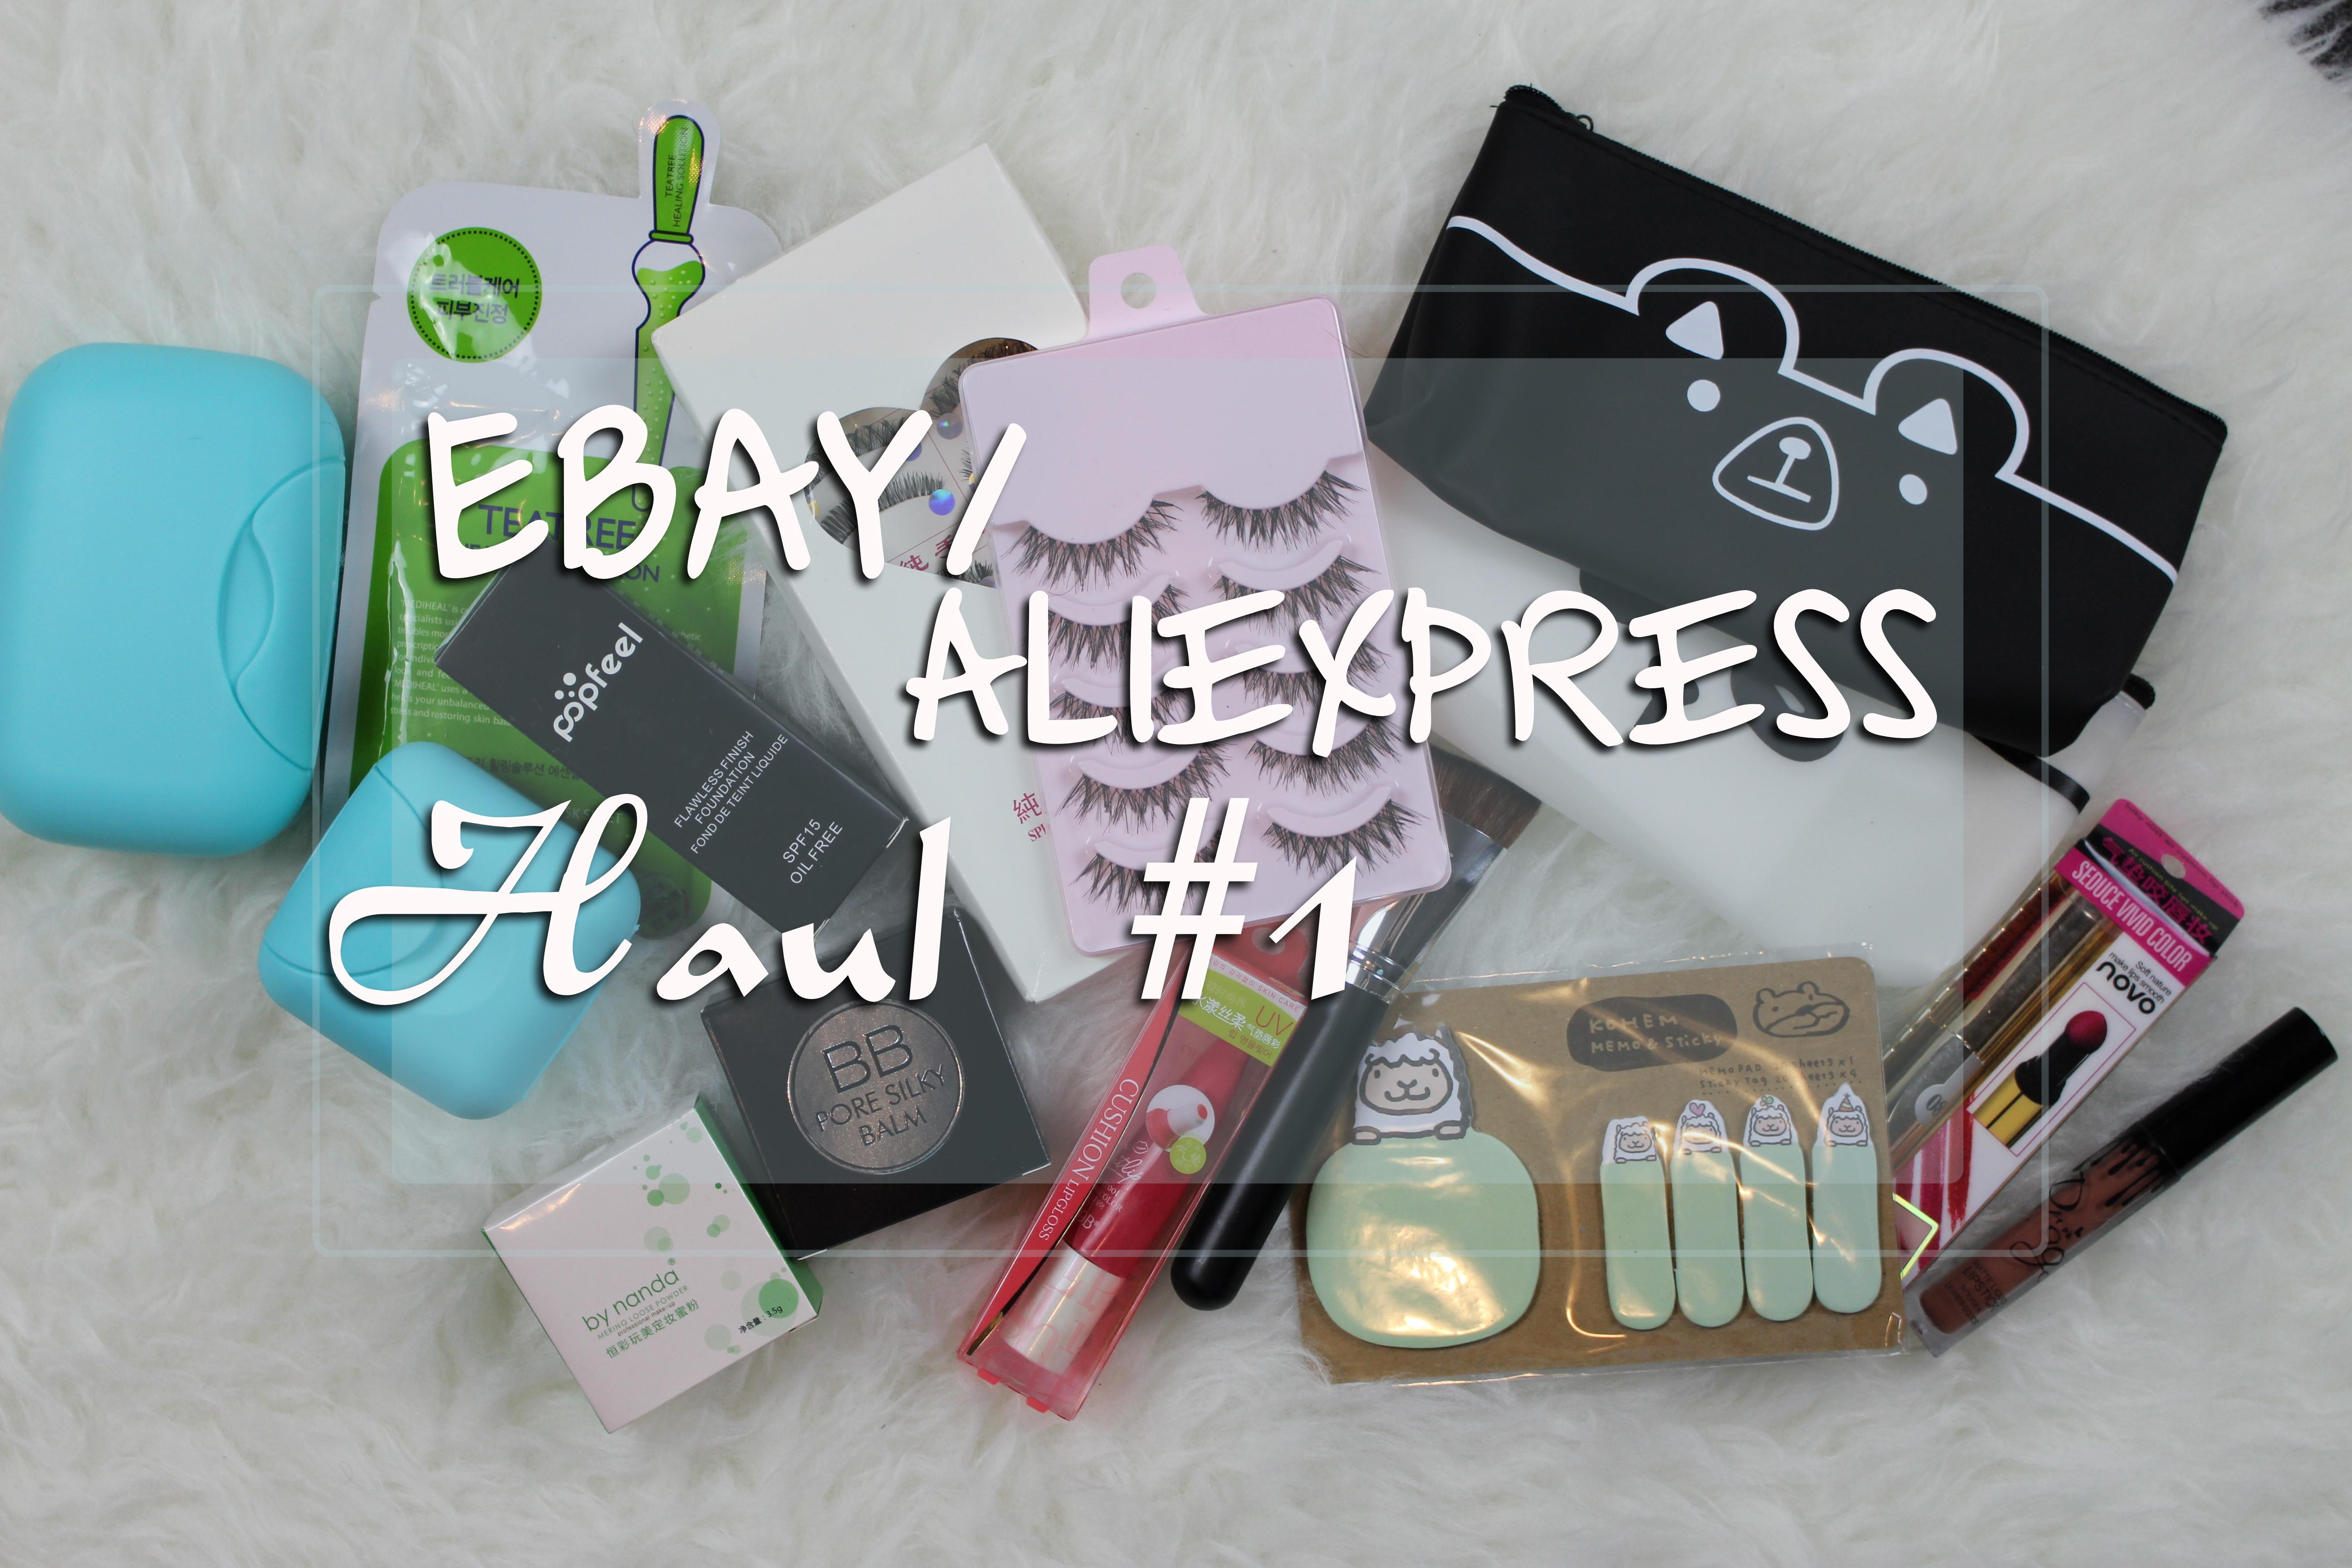 88d21b2f25 Ebay AliExpress Haul  1